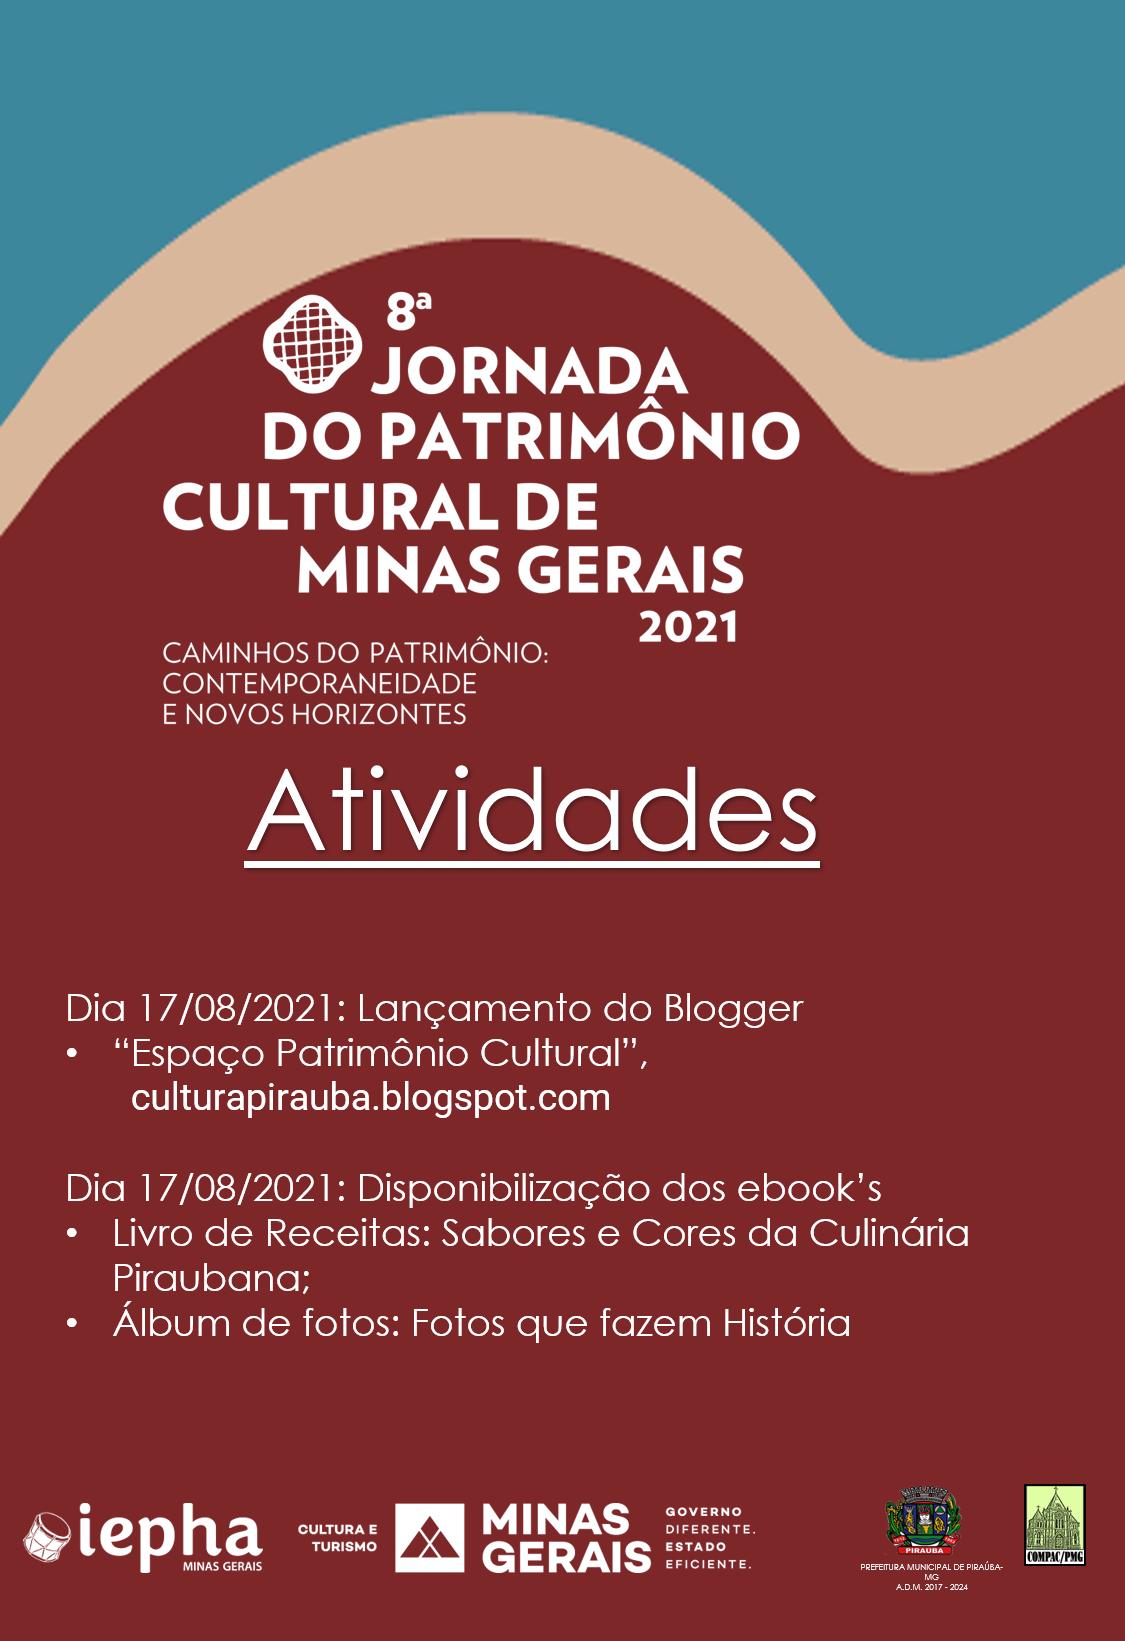 Jornada do Patrimônio Cultural de Minas Gerais